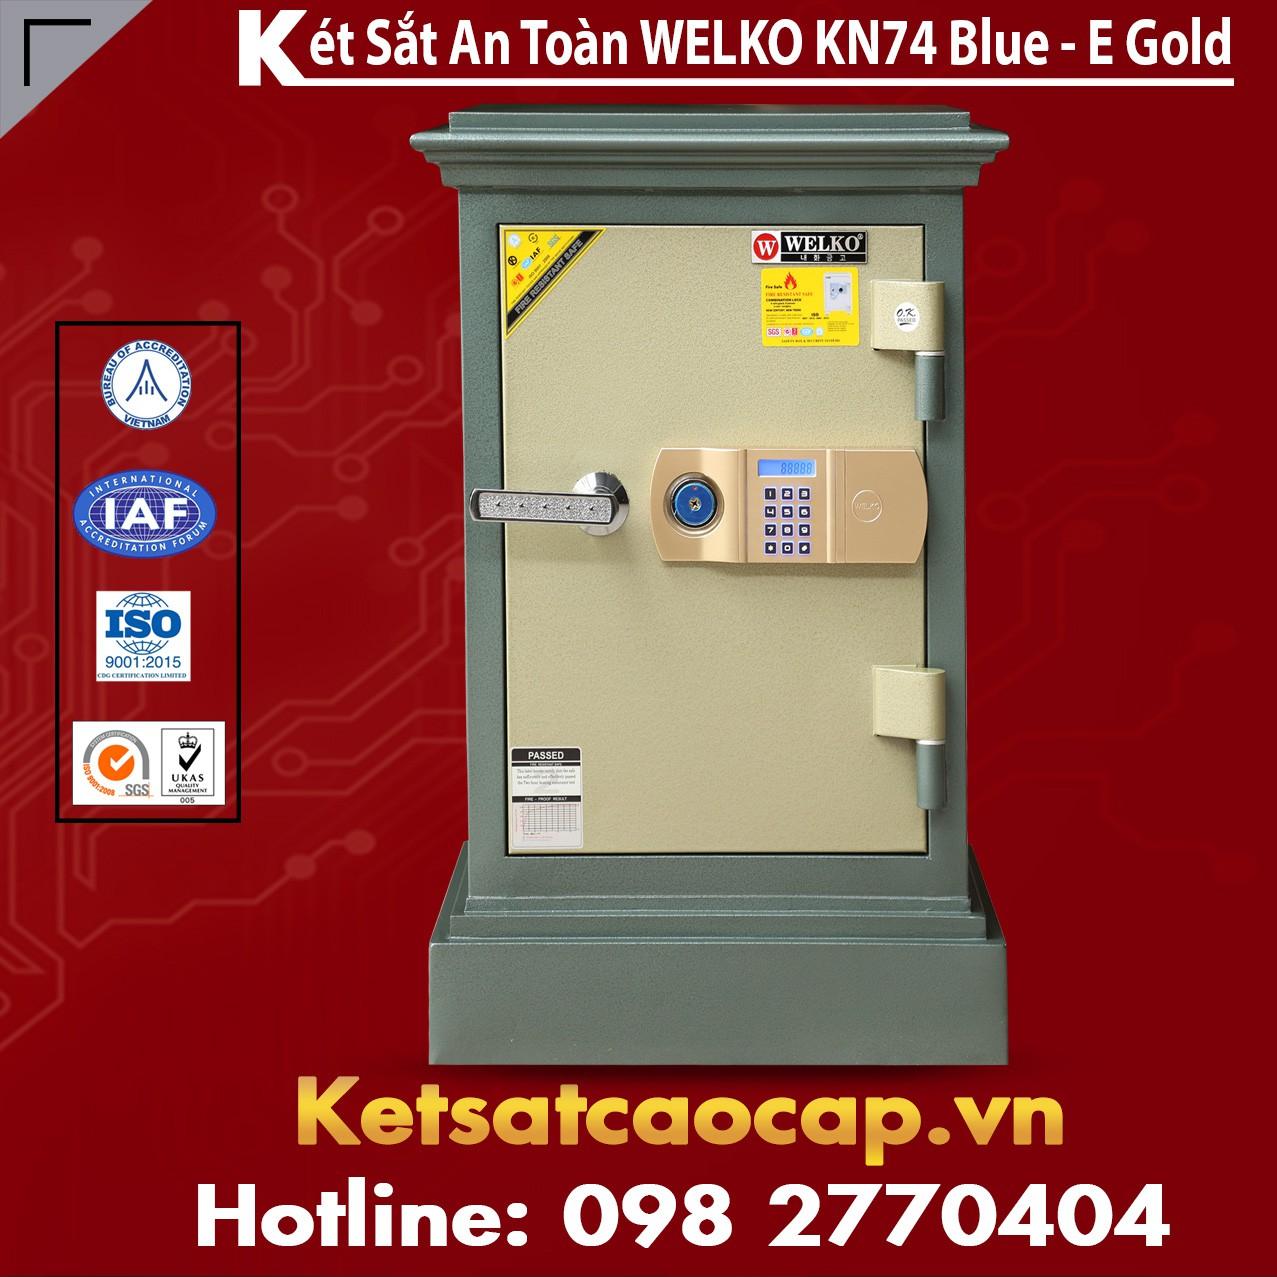 Két Sắt Chống Cháy Sài Gòn KN74 - E Gold